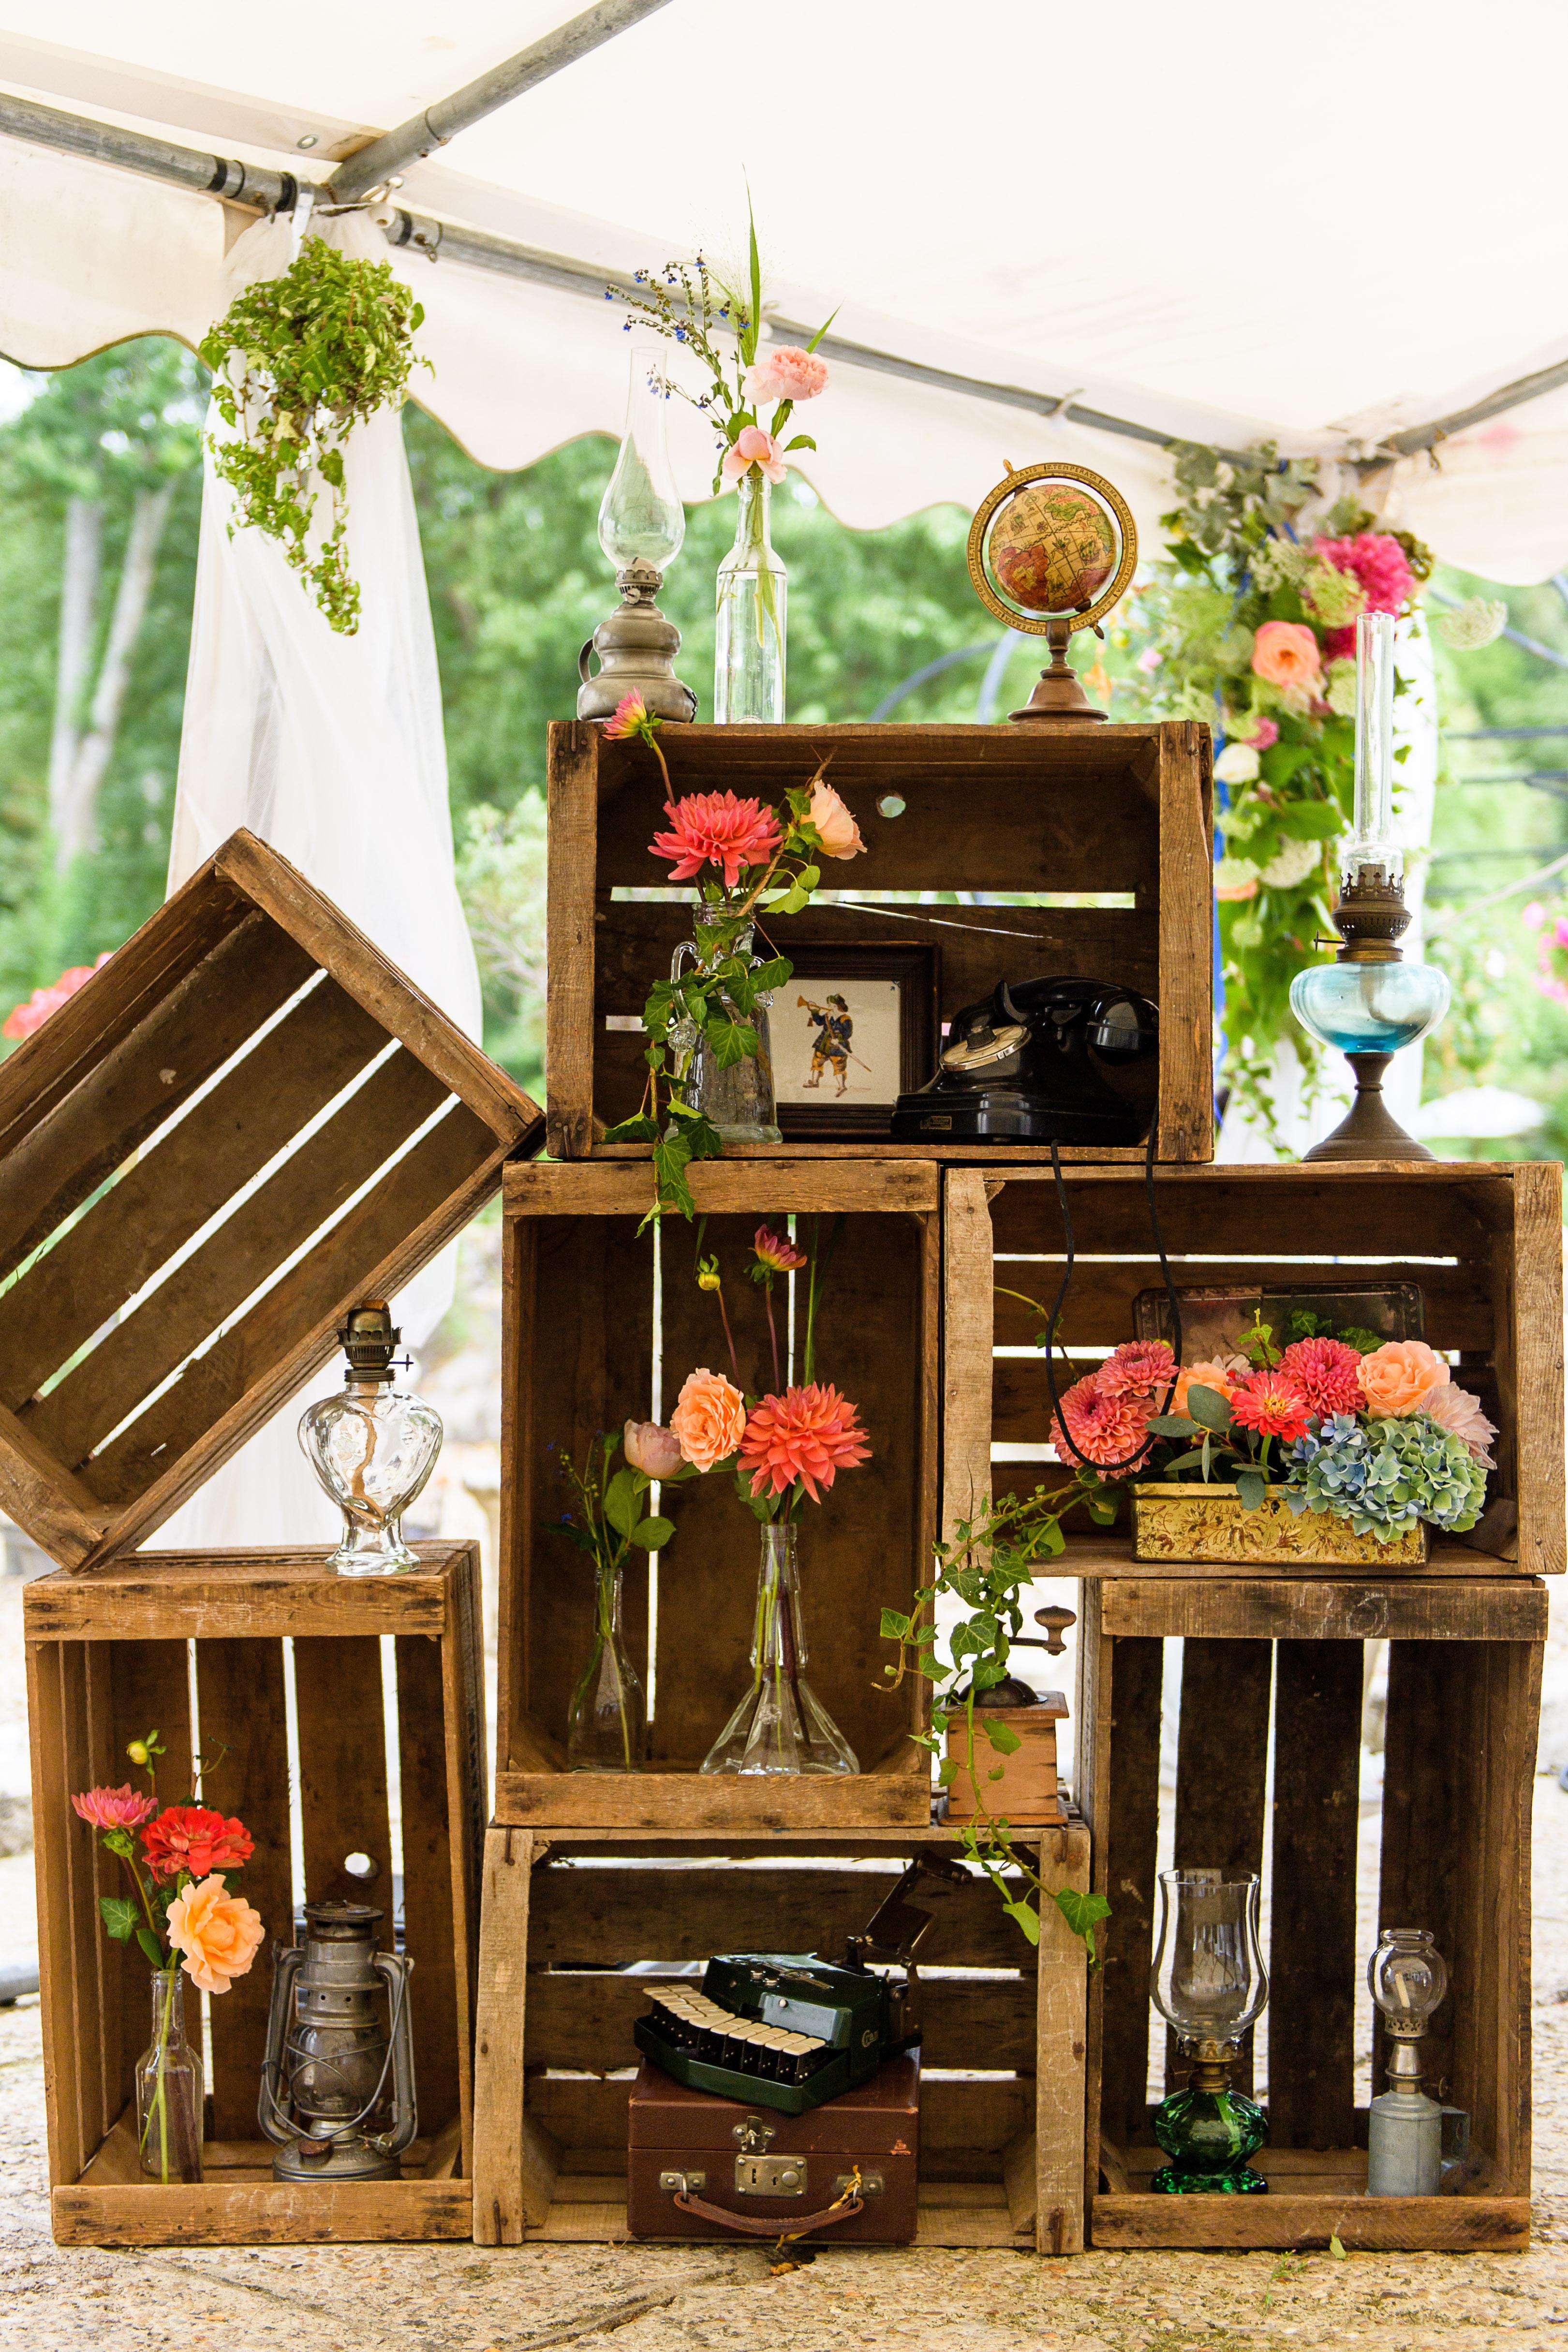 mariage vintage caisse pommes. Black Bedroom Furniture Sets. Home Design Ideas